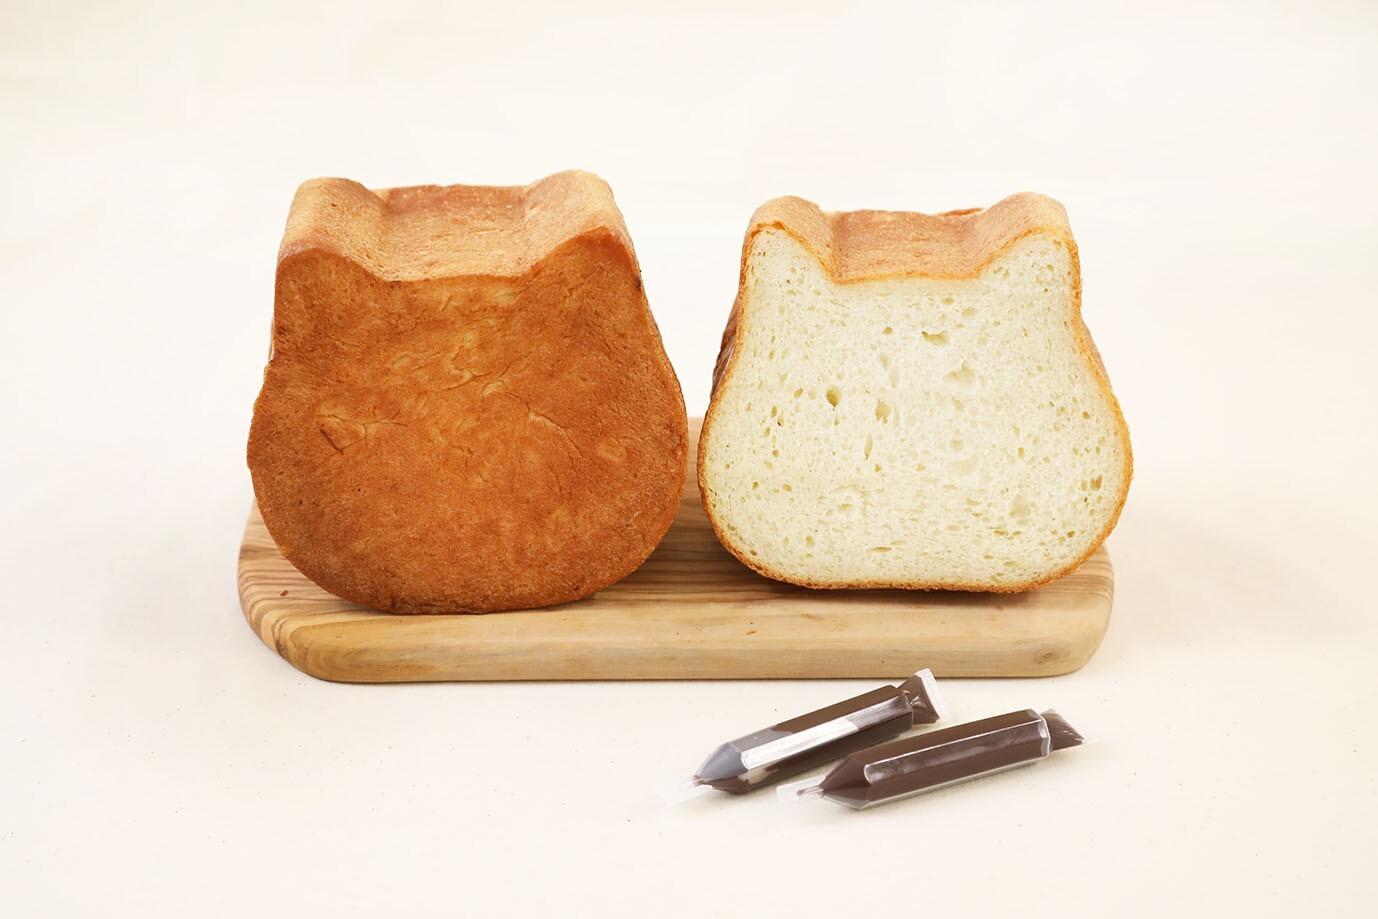 ねこねこ食パンを実際に注文してみた